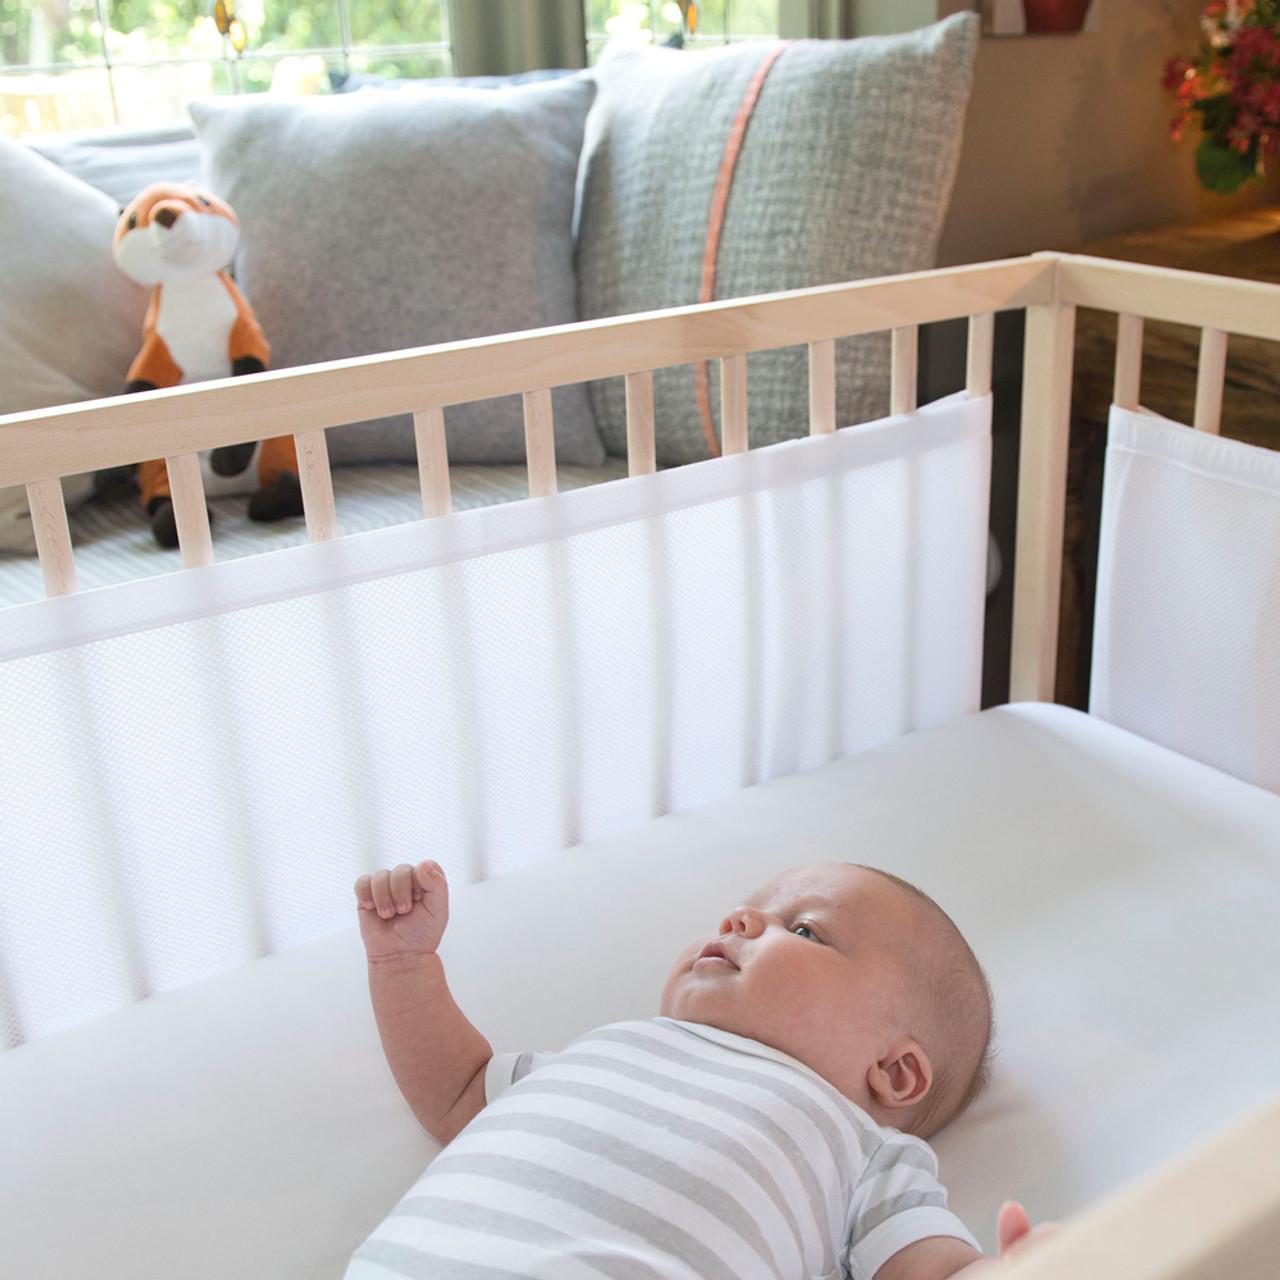 The Little Linen Airwrap Breathable Mesh 4 Side Bumper - White